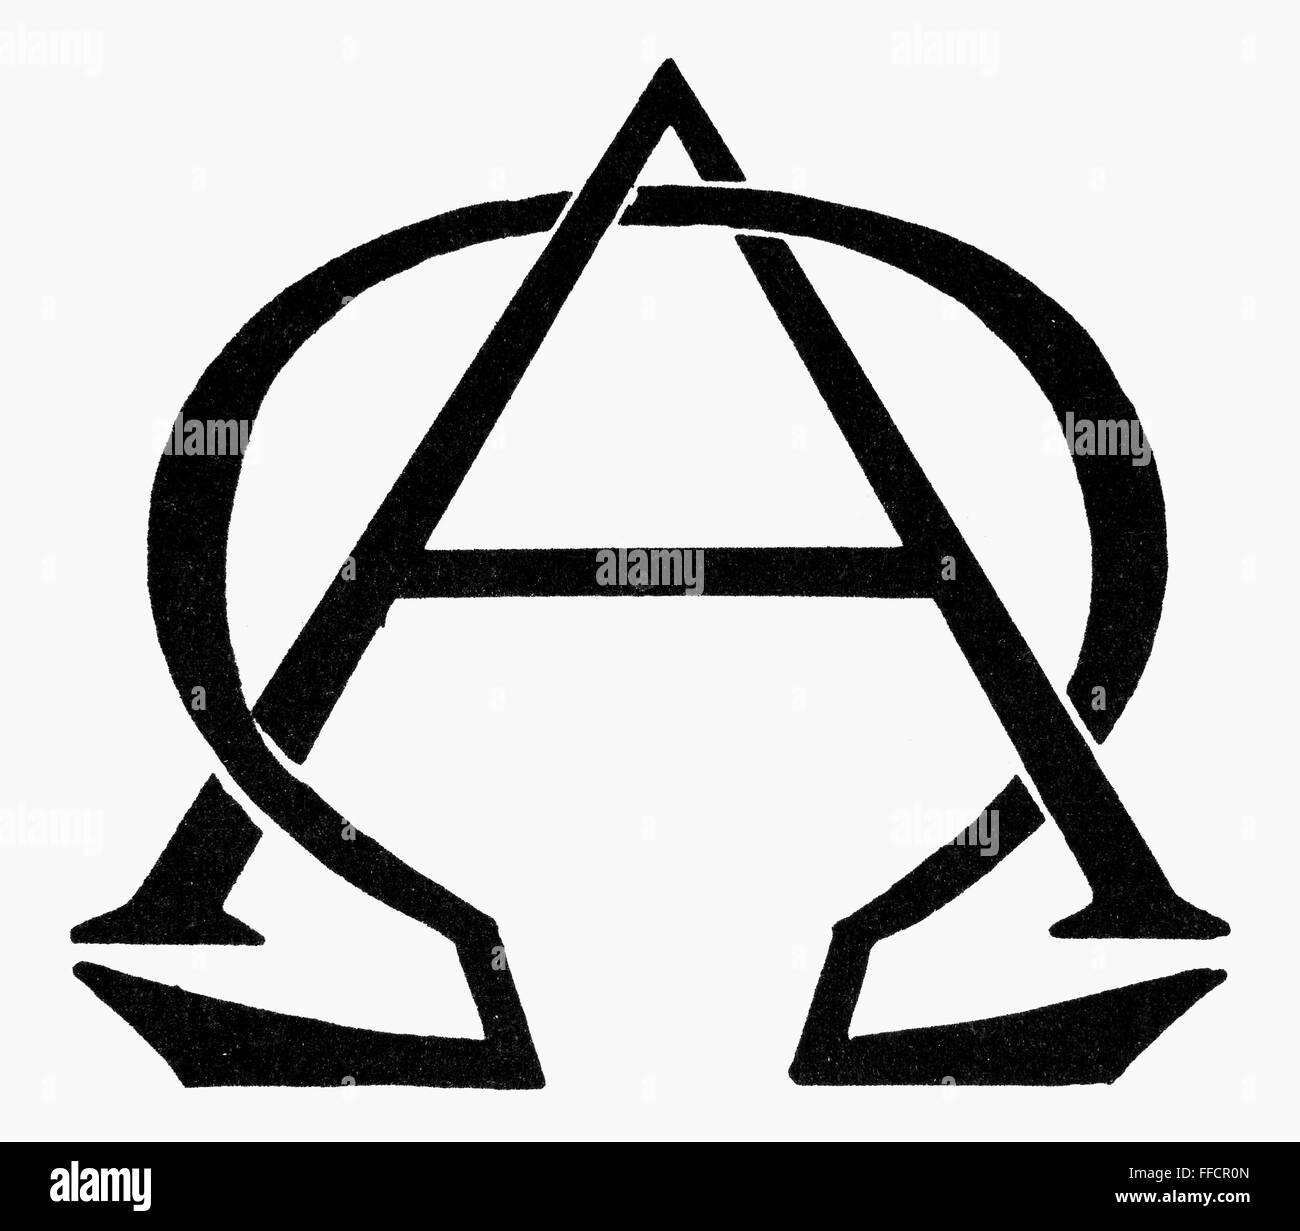 Symbol Beginning End Ngreek Letters Alpha And Omega Symbols